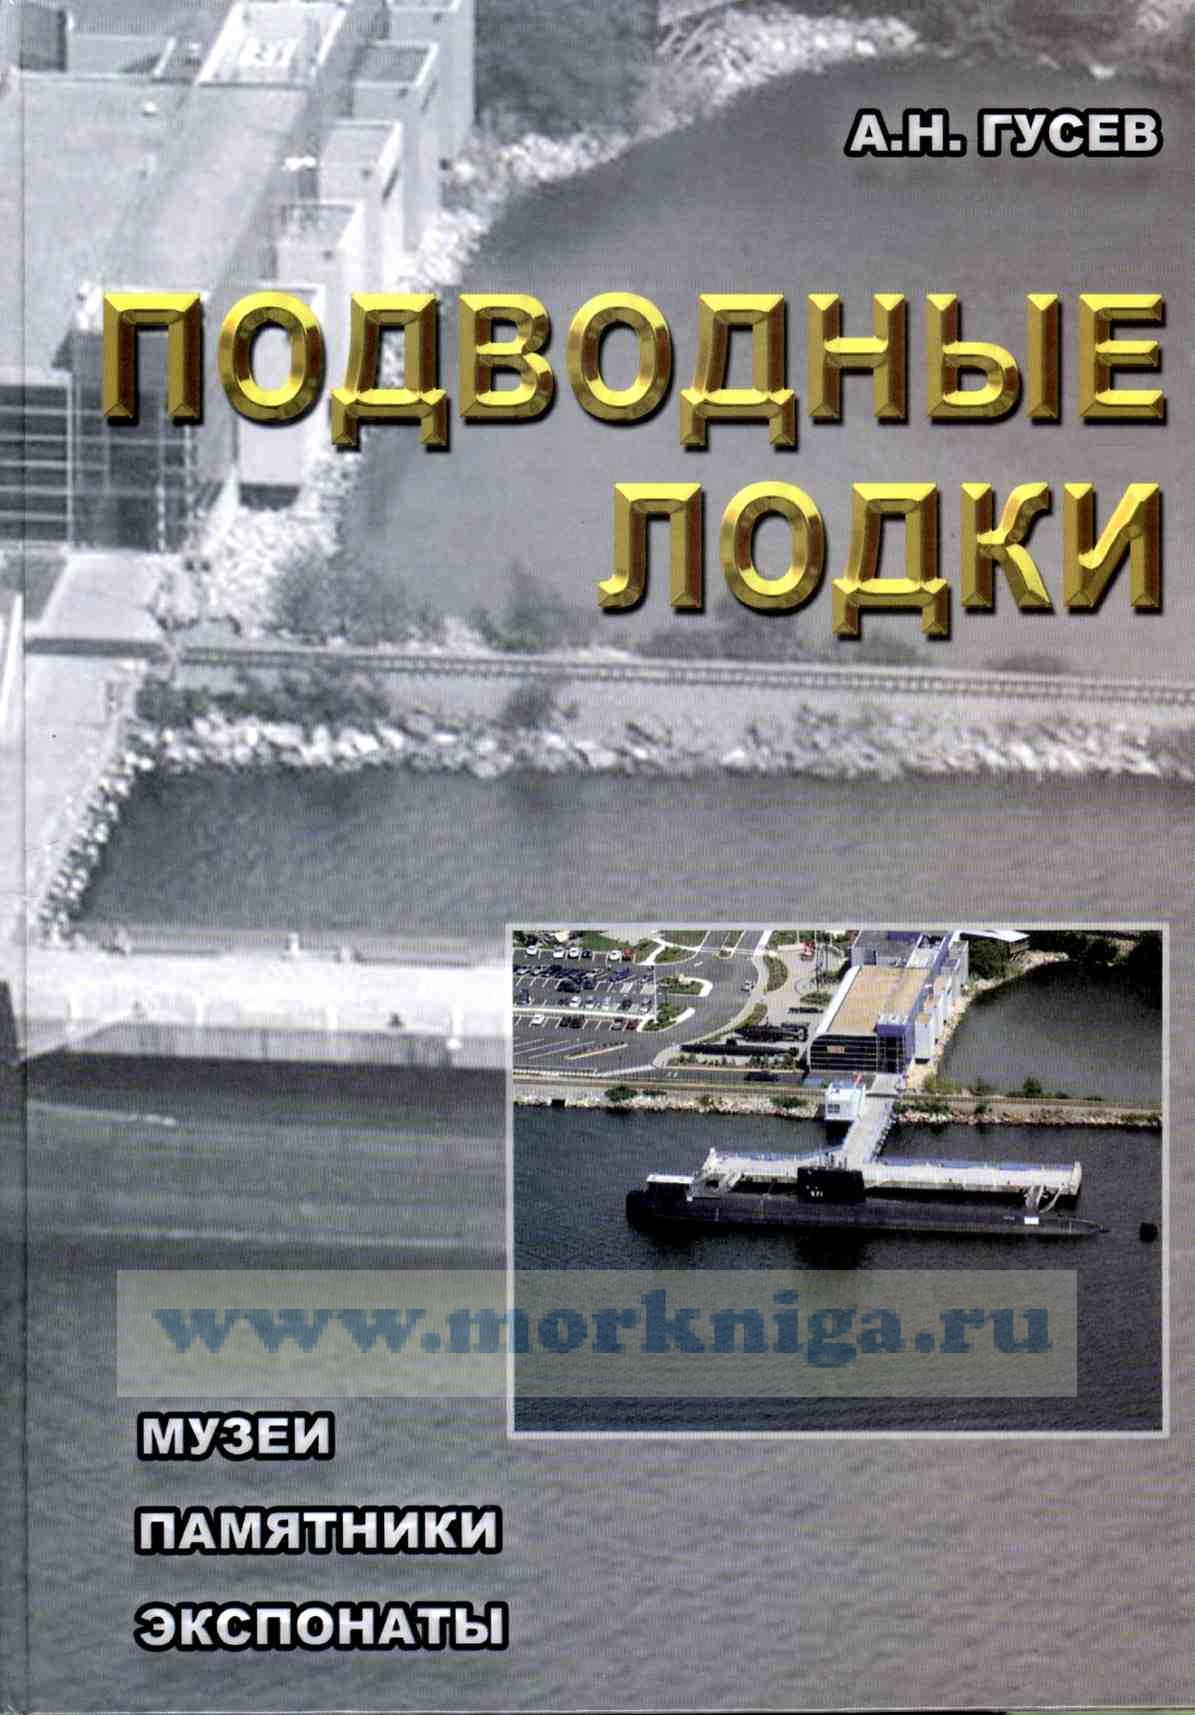 Подводные лодки - музеи, памятники, экспонаты